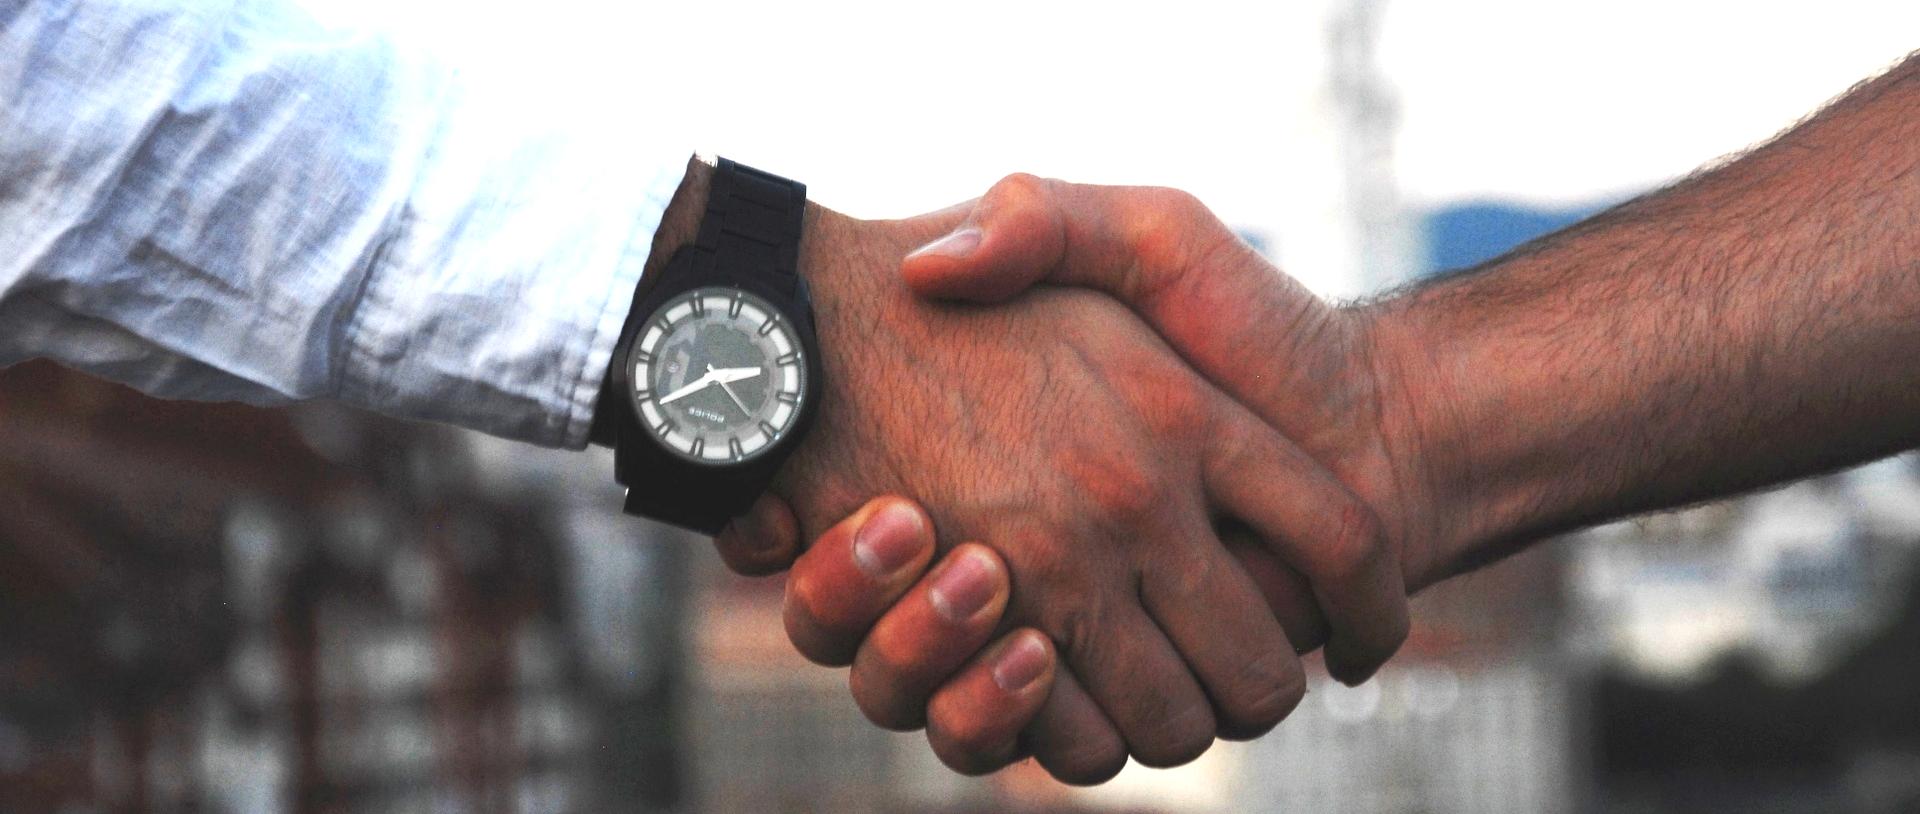 handshake-testimonials Testimonials